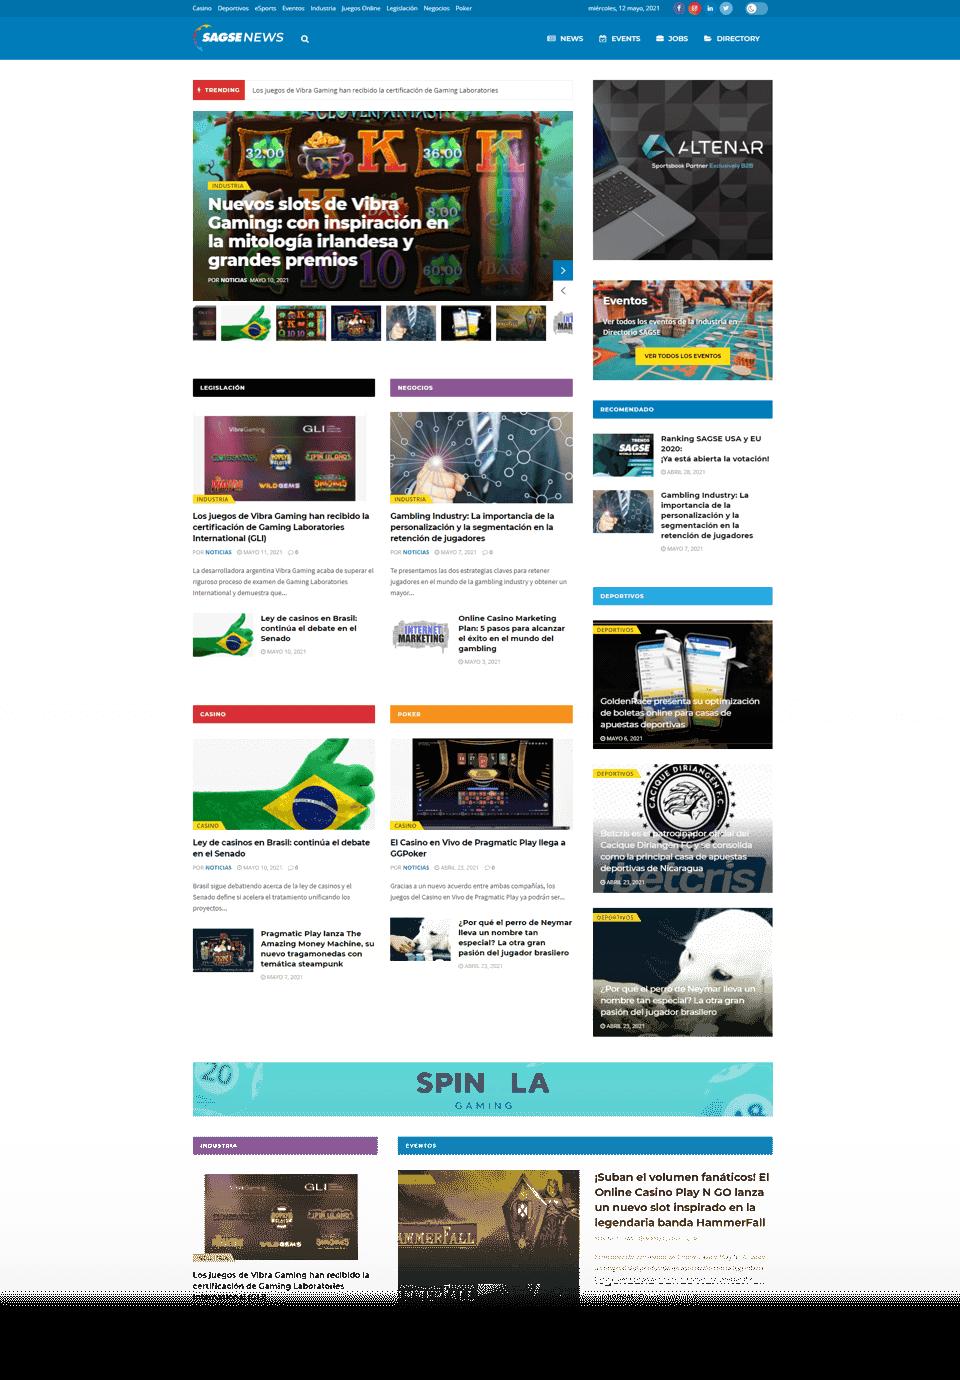 SEO for news sites SAGSE News